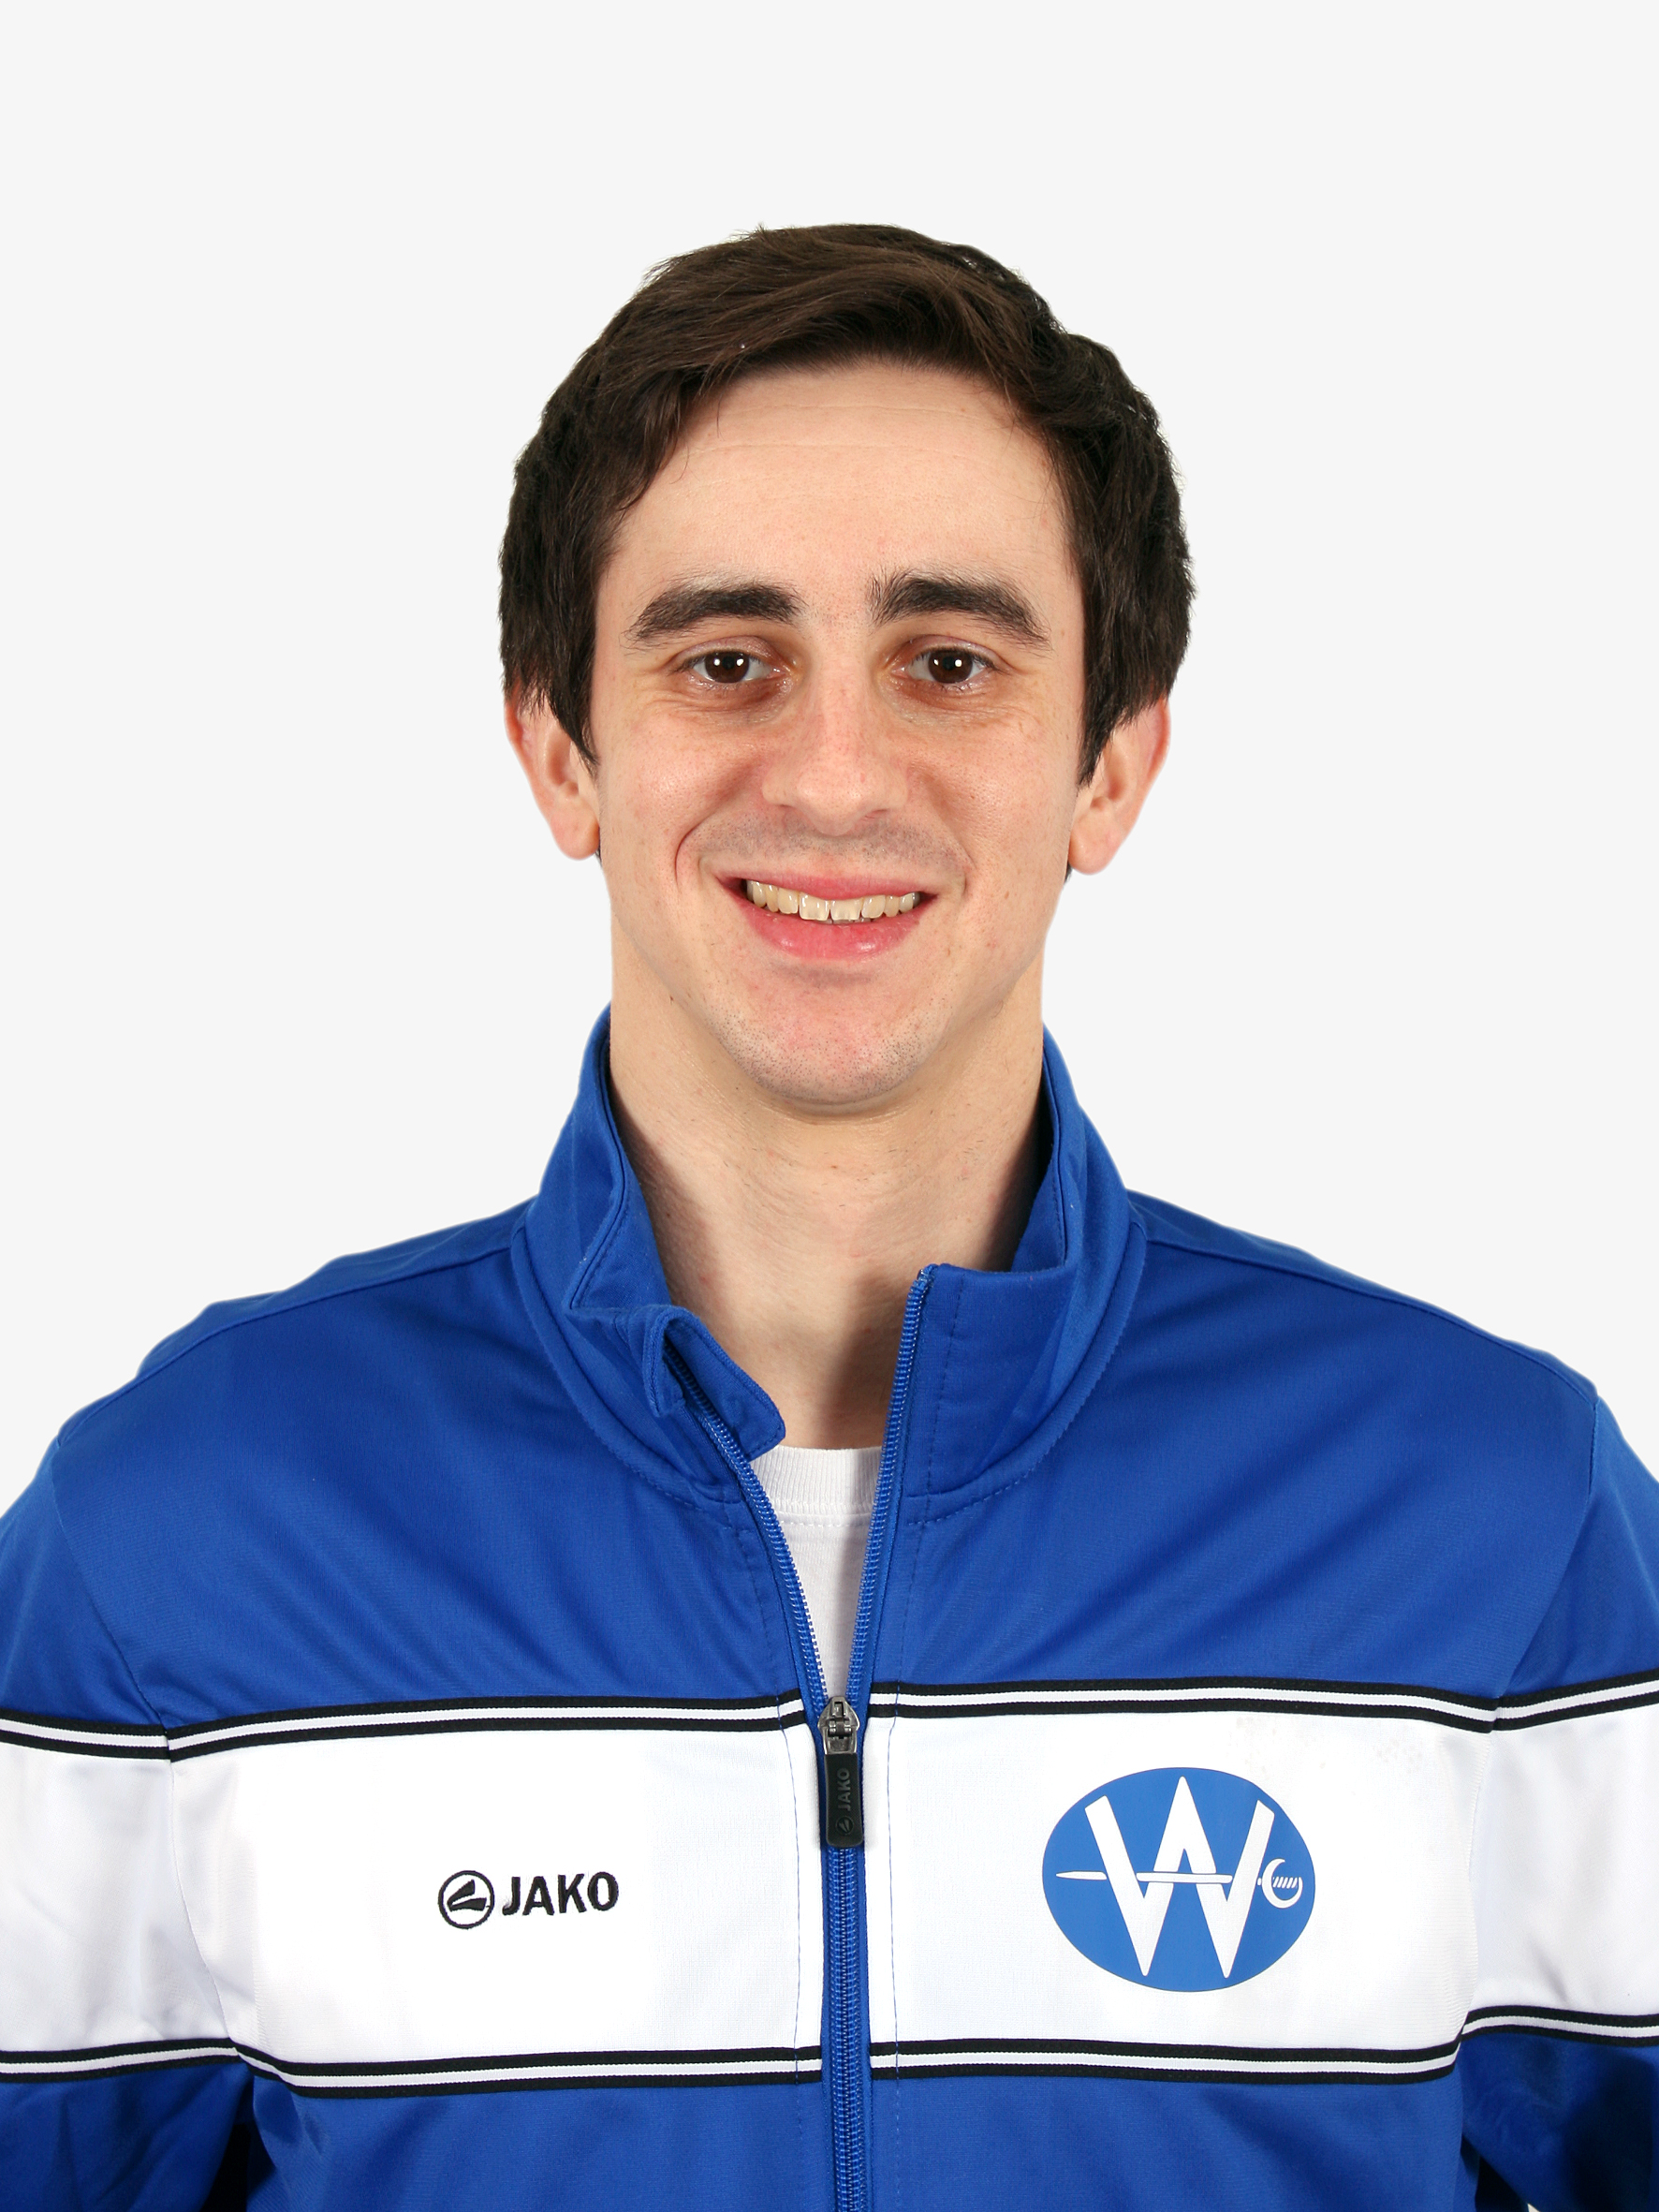 Sebastian Freund